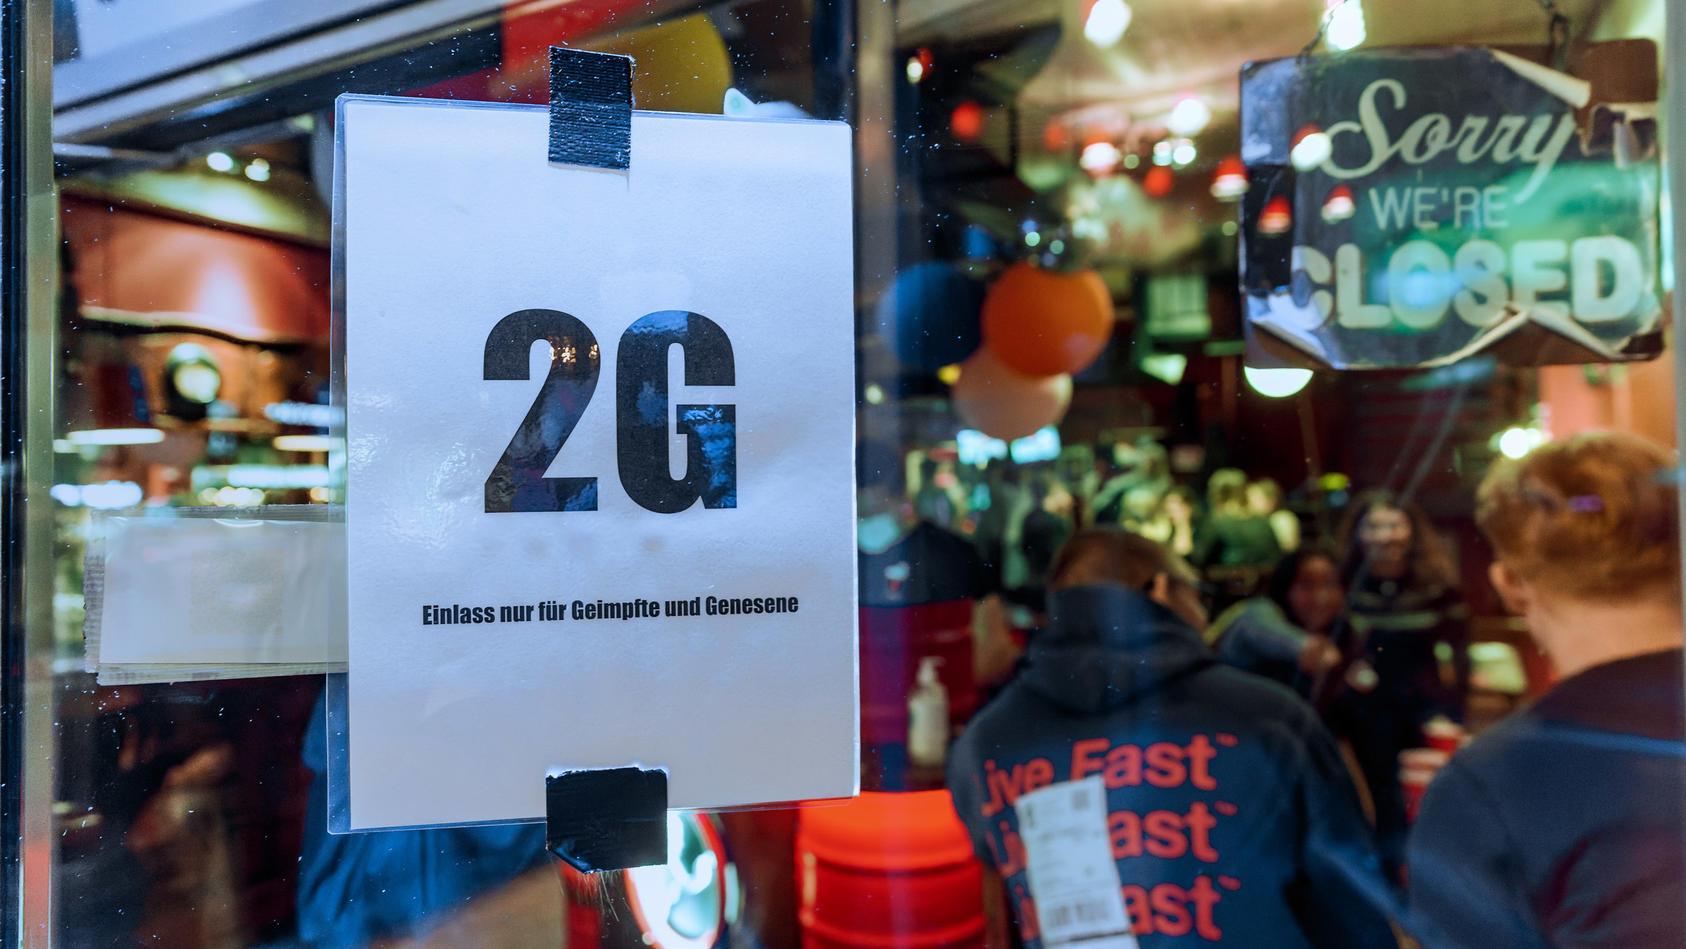 Auch auf der Reeperbahn gilt das 2G-Modell. Dort kann nun fast wieder so ausgelassen gefeiert werden wie vor der Pandemie.